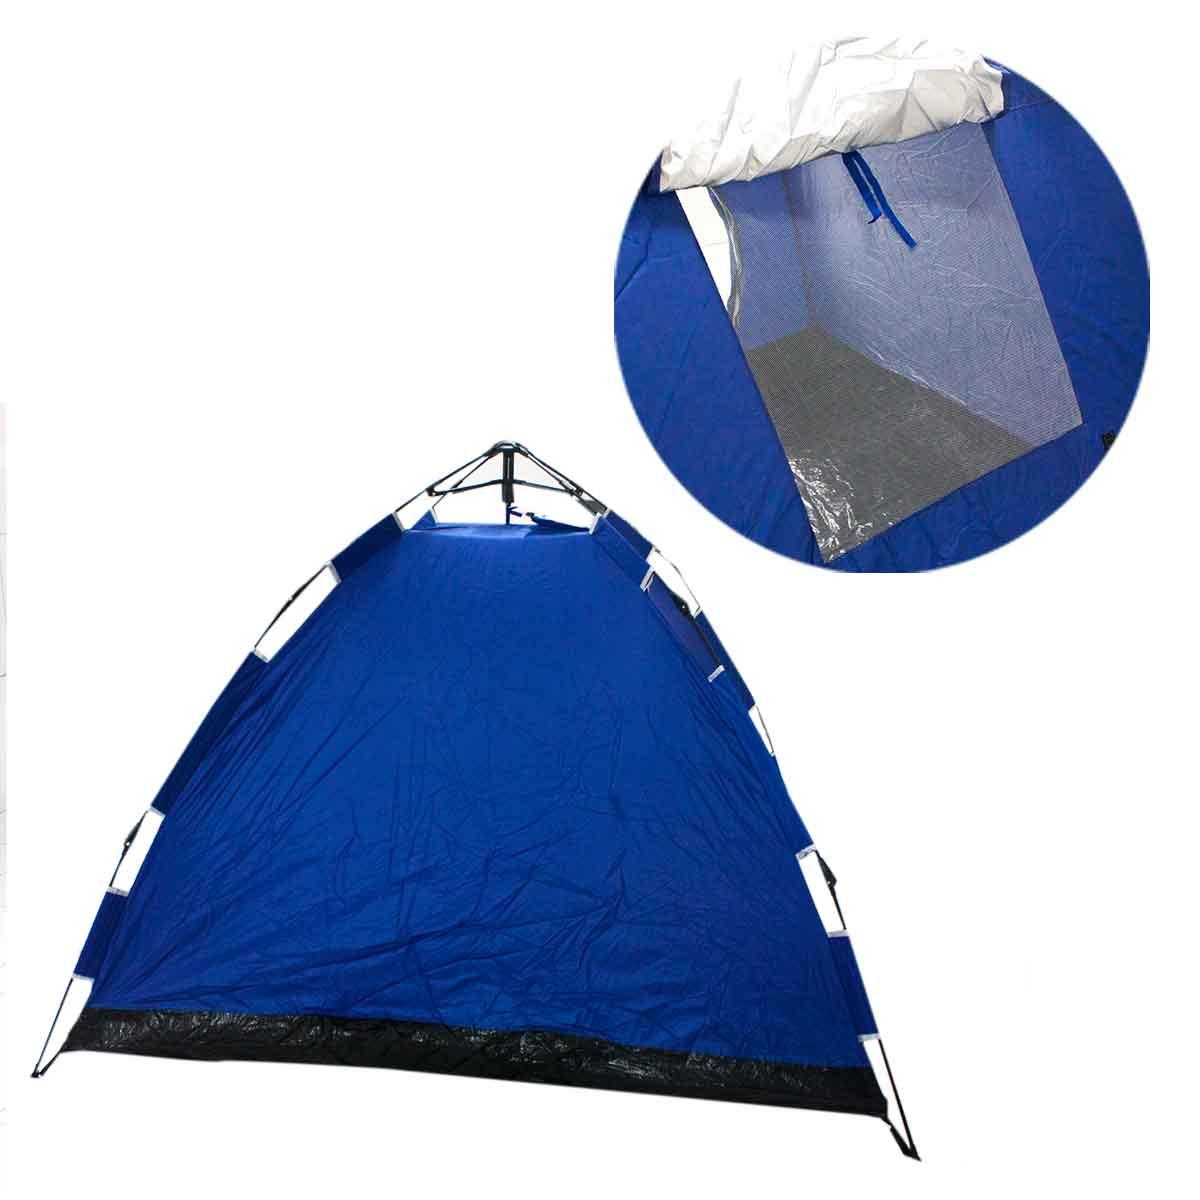 Barraca Camping 4 Pessoas Monta Sozinha Automática Dobrável Bolsa